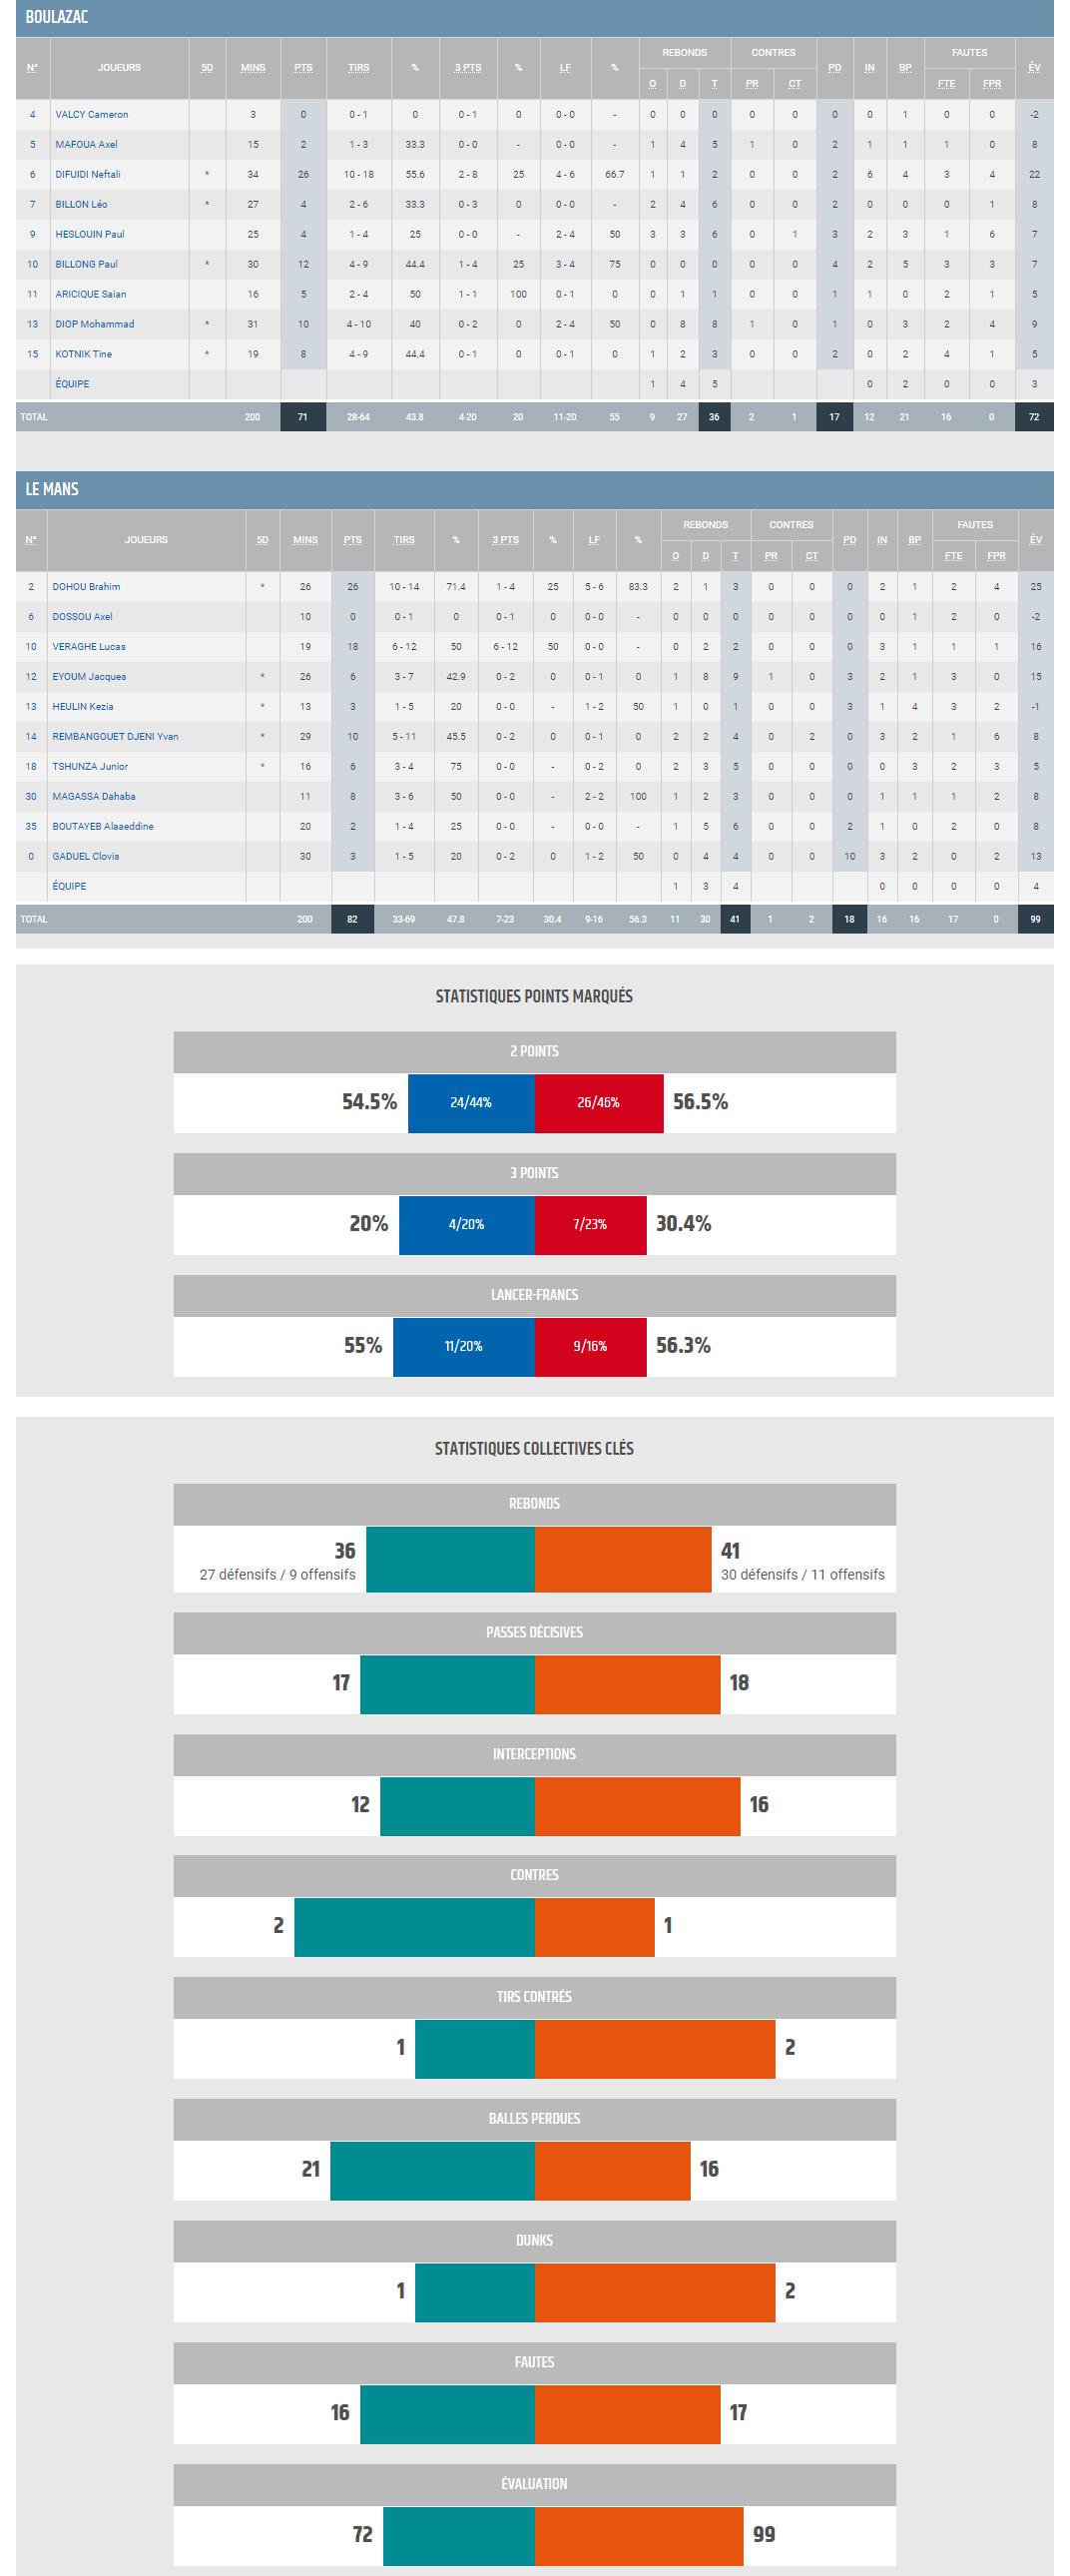 BBD-Espoirs vs Le mans - stats